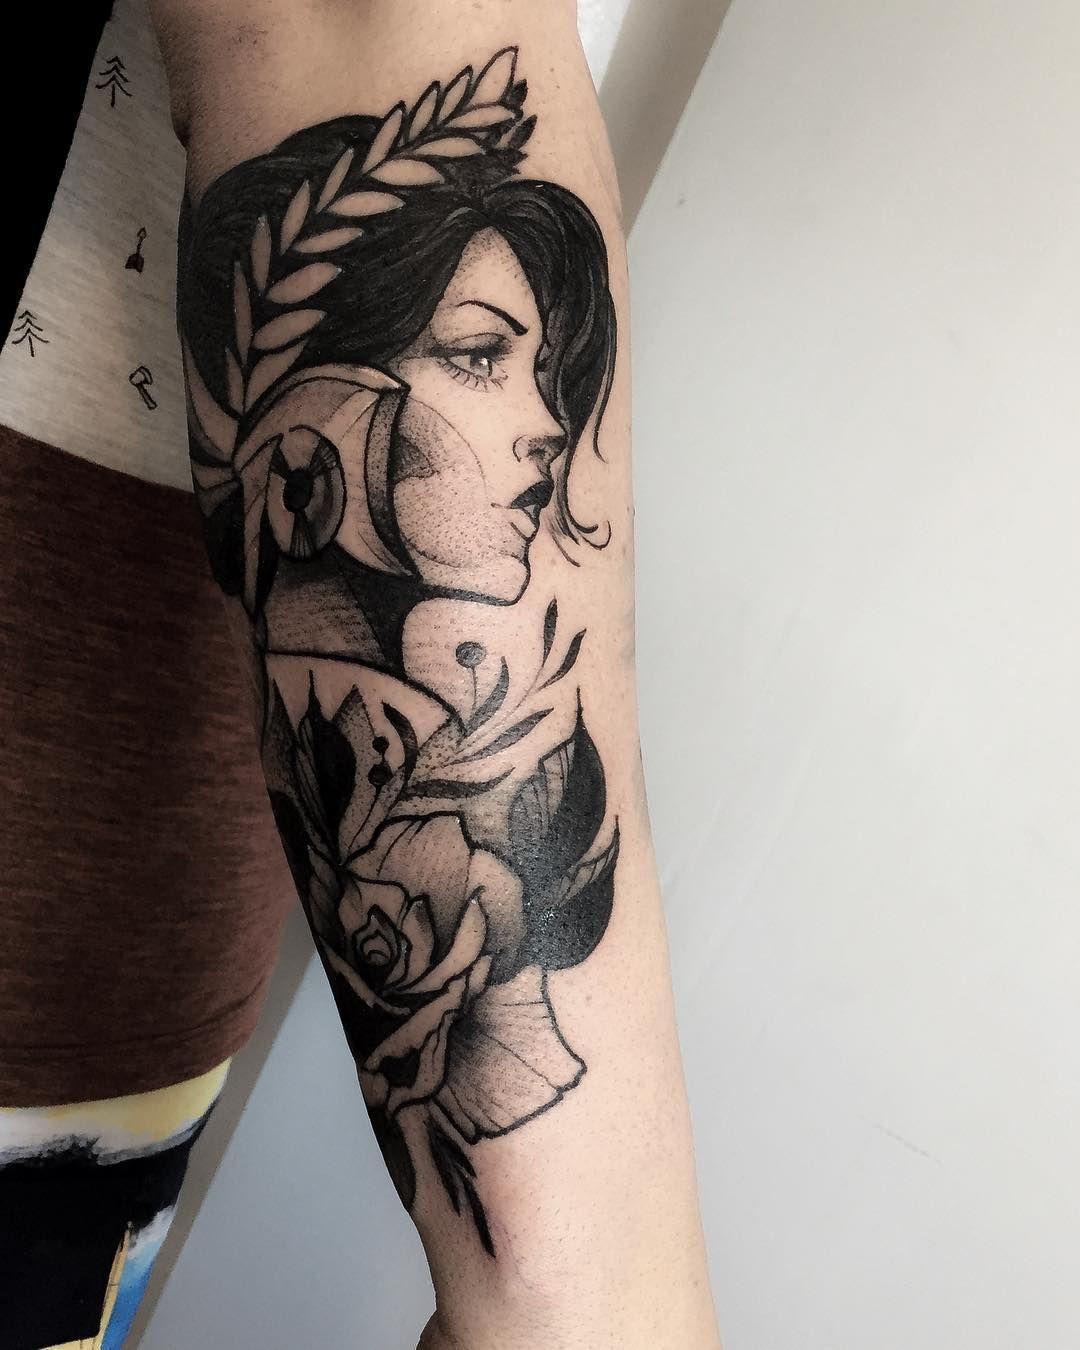 Pin By Christine Jarmer On Tats I Like: Encontre O Tatuador E A Inspiração Perfeita Para Fazer Sua